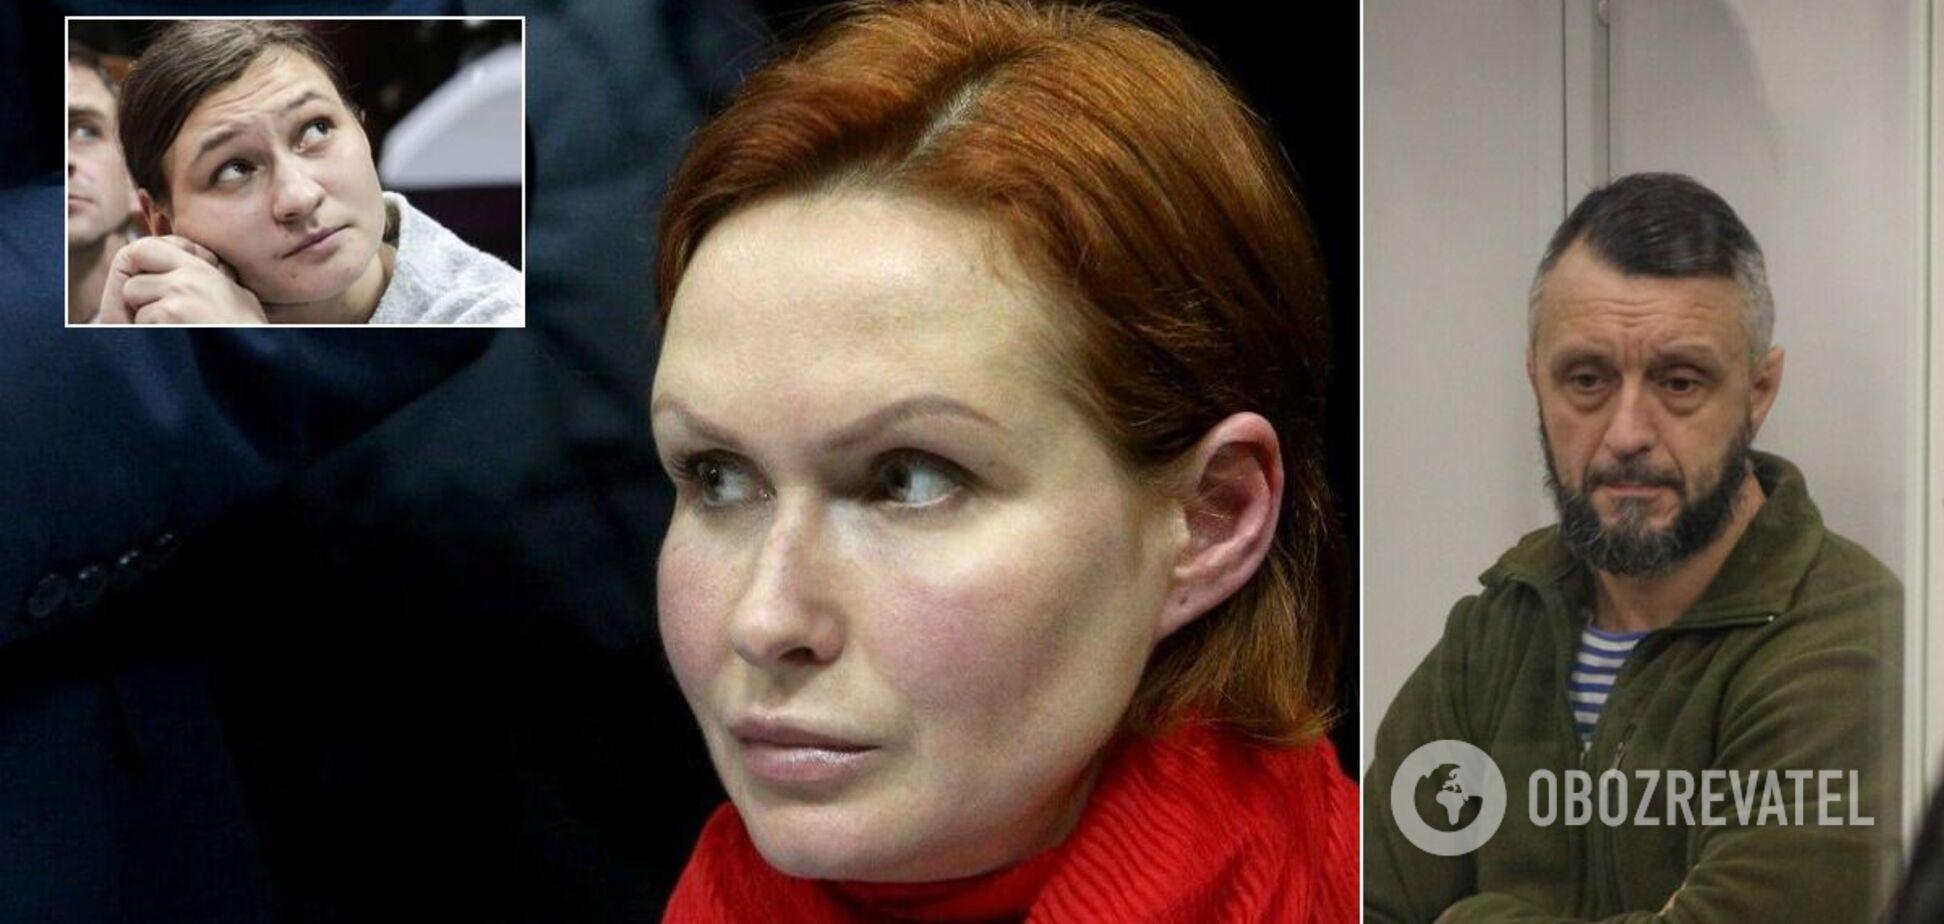 Дугарь, Антоненко и Кузьменко избрана мера пресечения